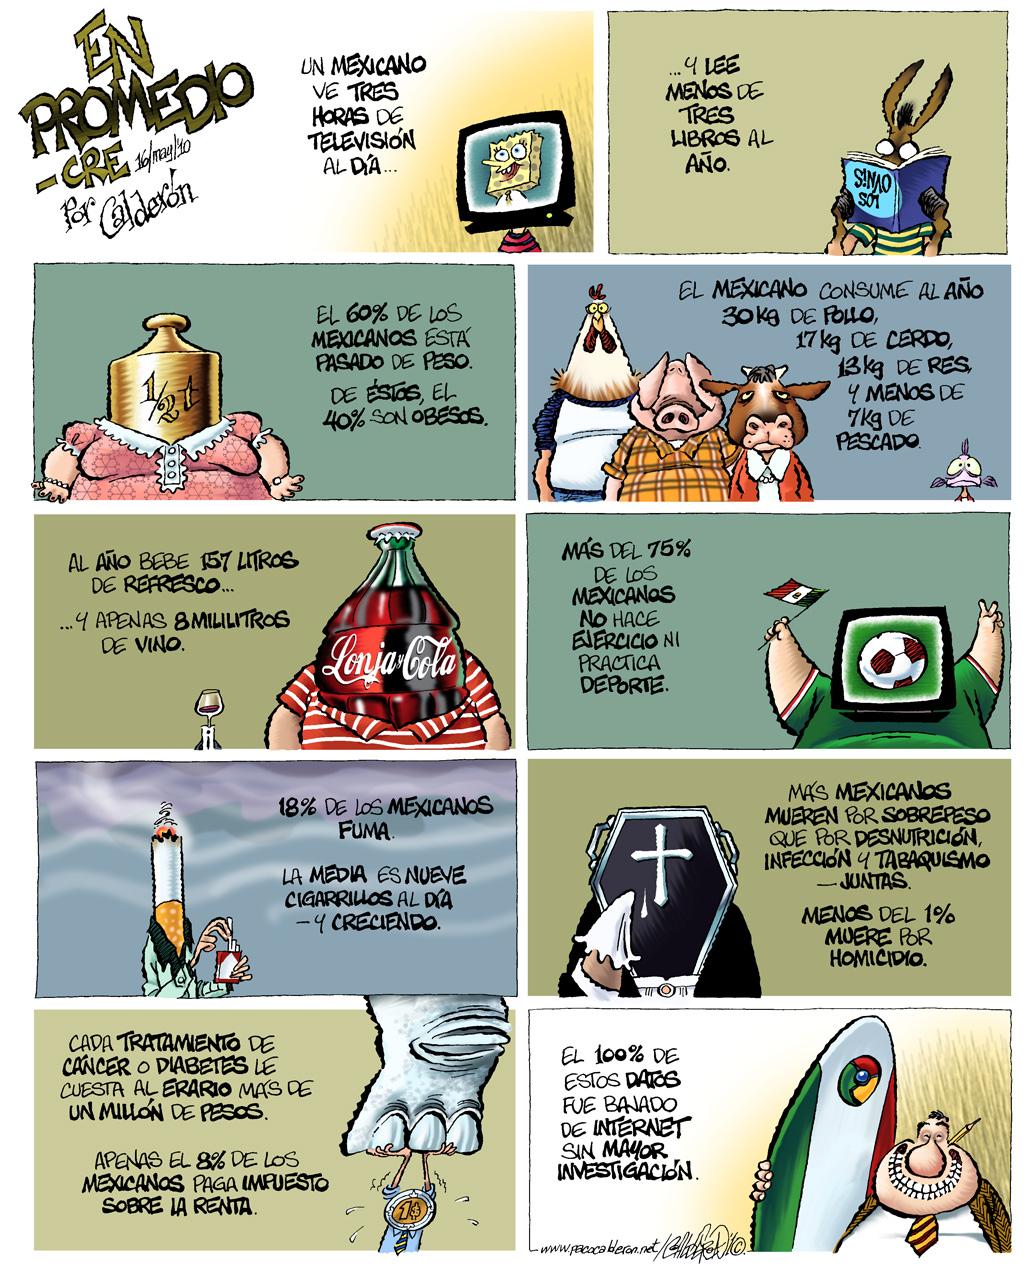 2010/05/16 EN PROMEDIO-CRE